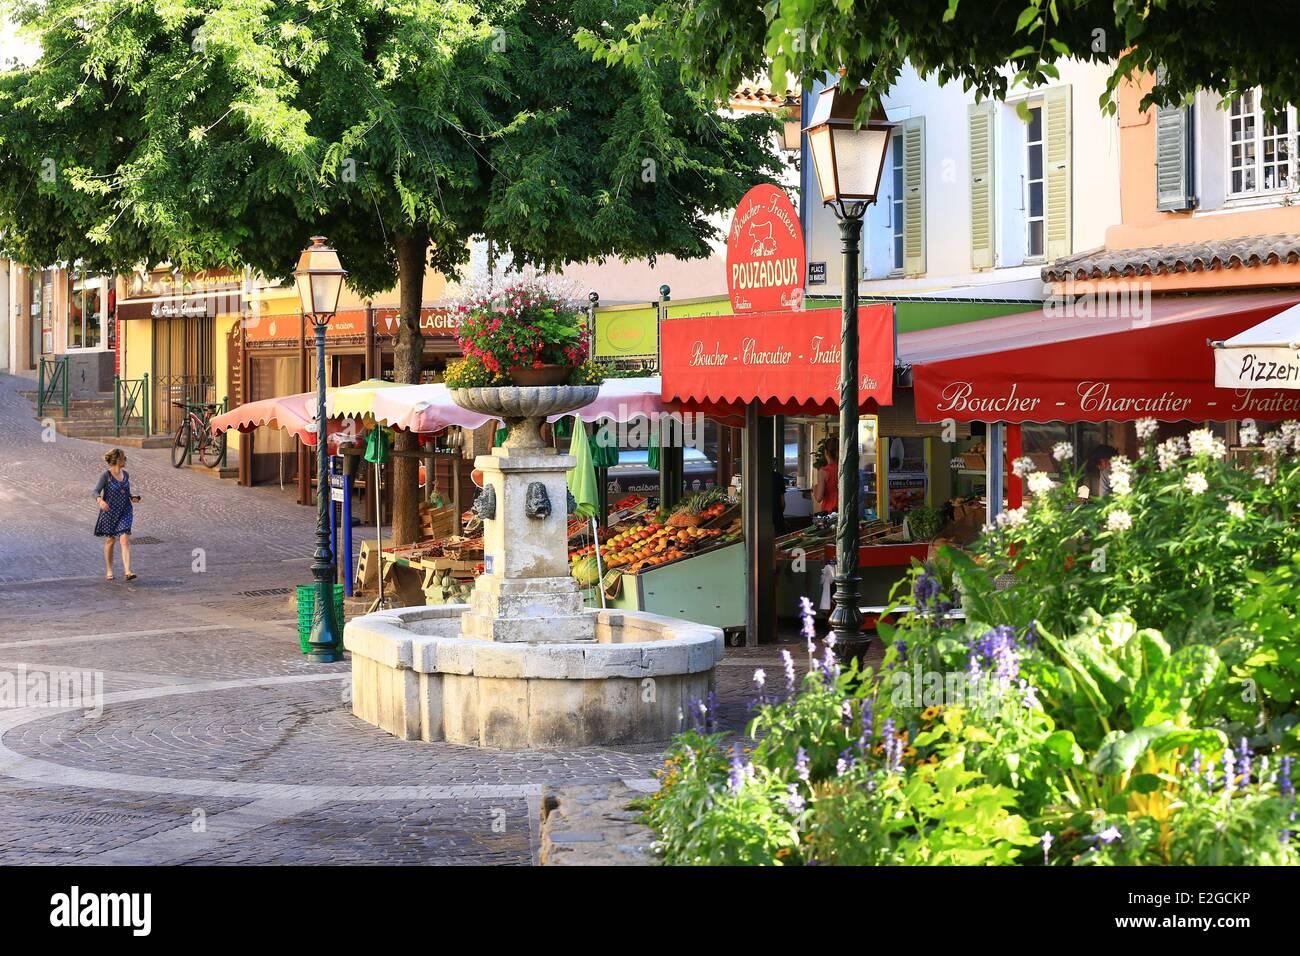 Sainte maxime france stock photos sainte maxime france stock images alamy - Office du tourisme saint maxime ...